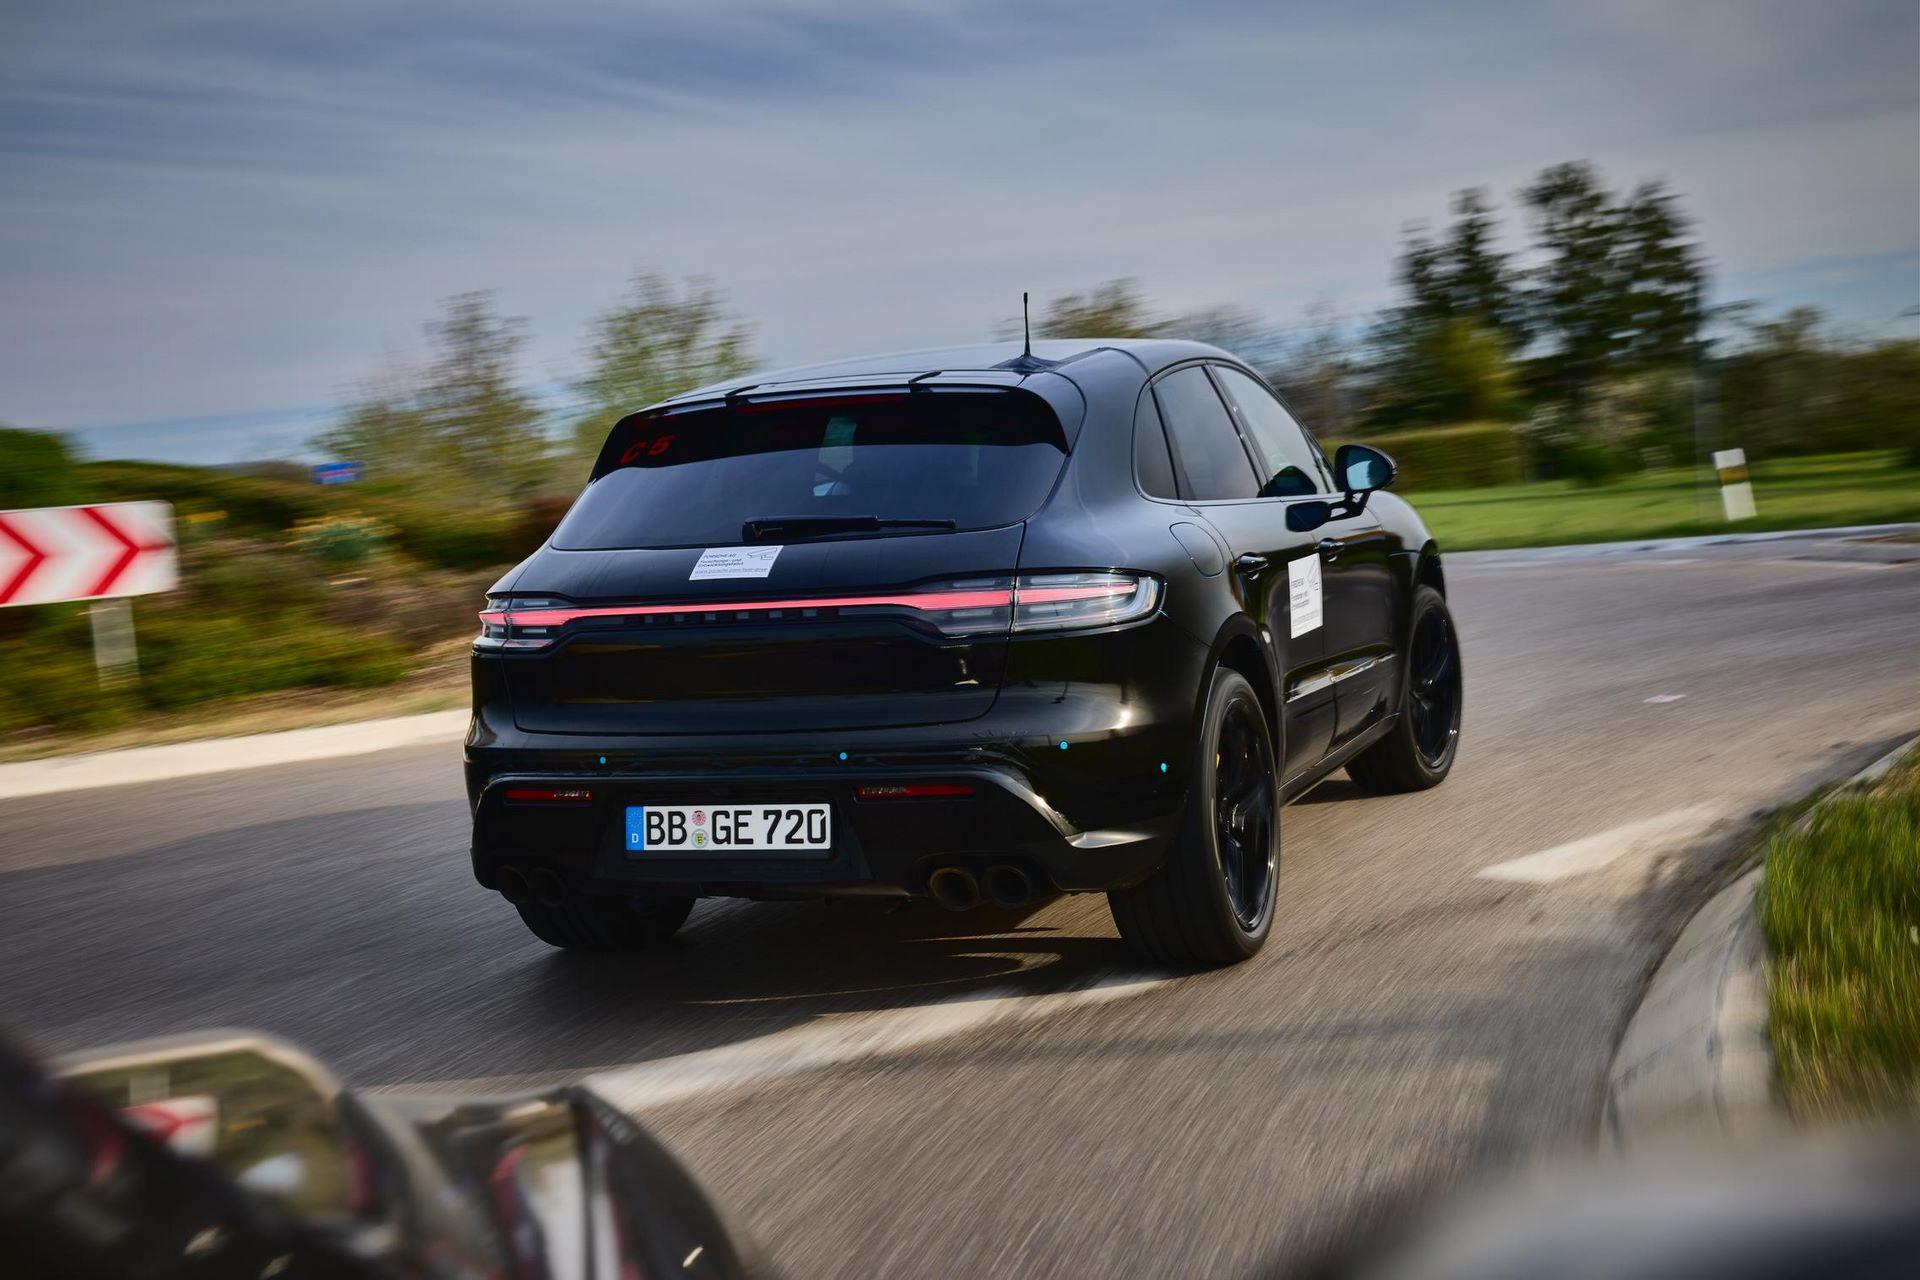 Porsche-Macan-facelift-testing-2